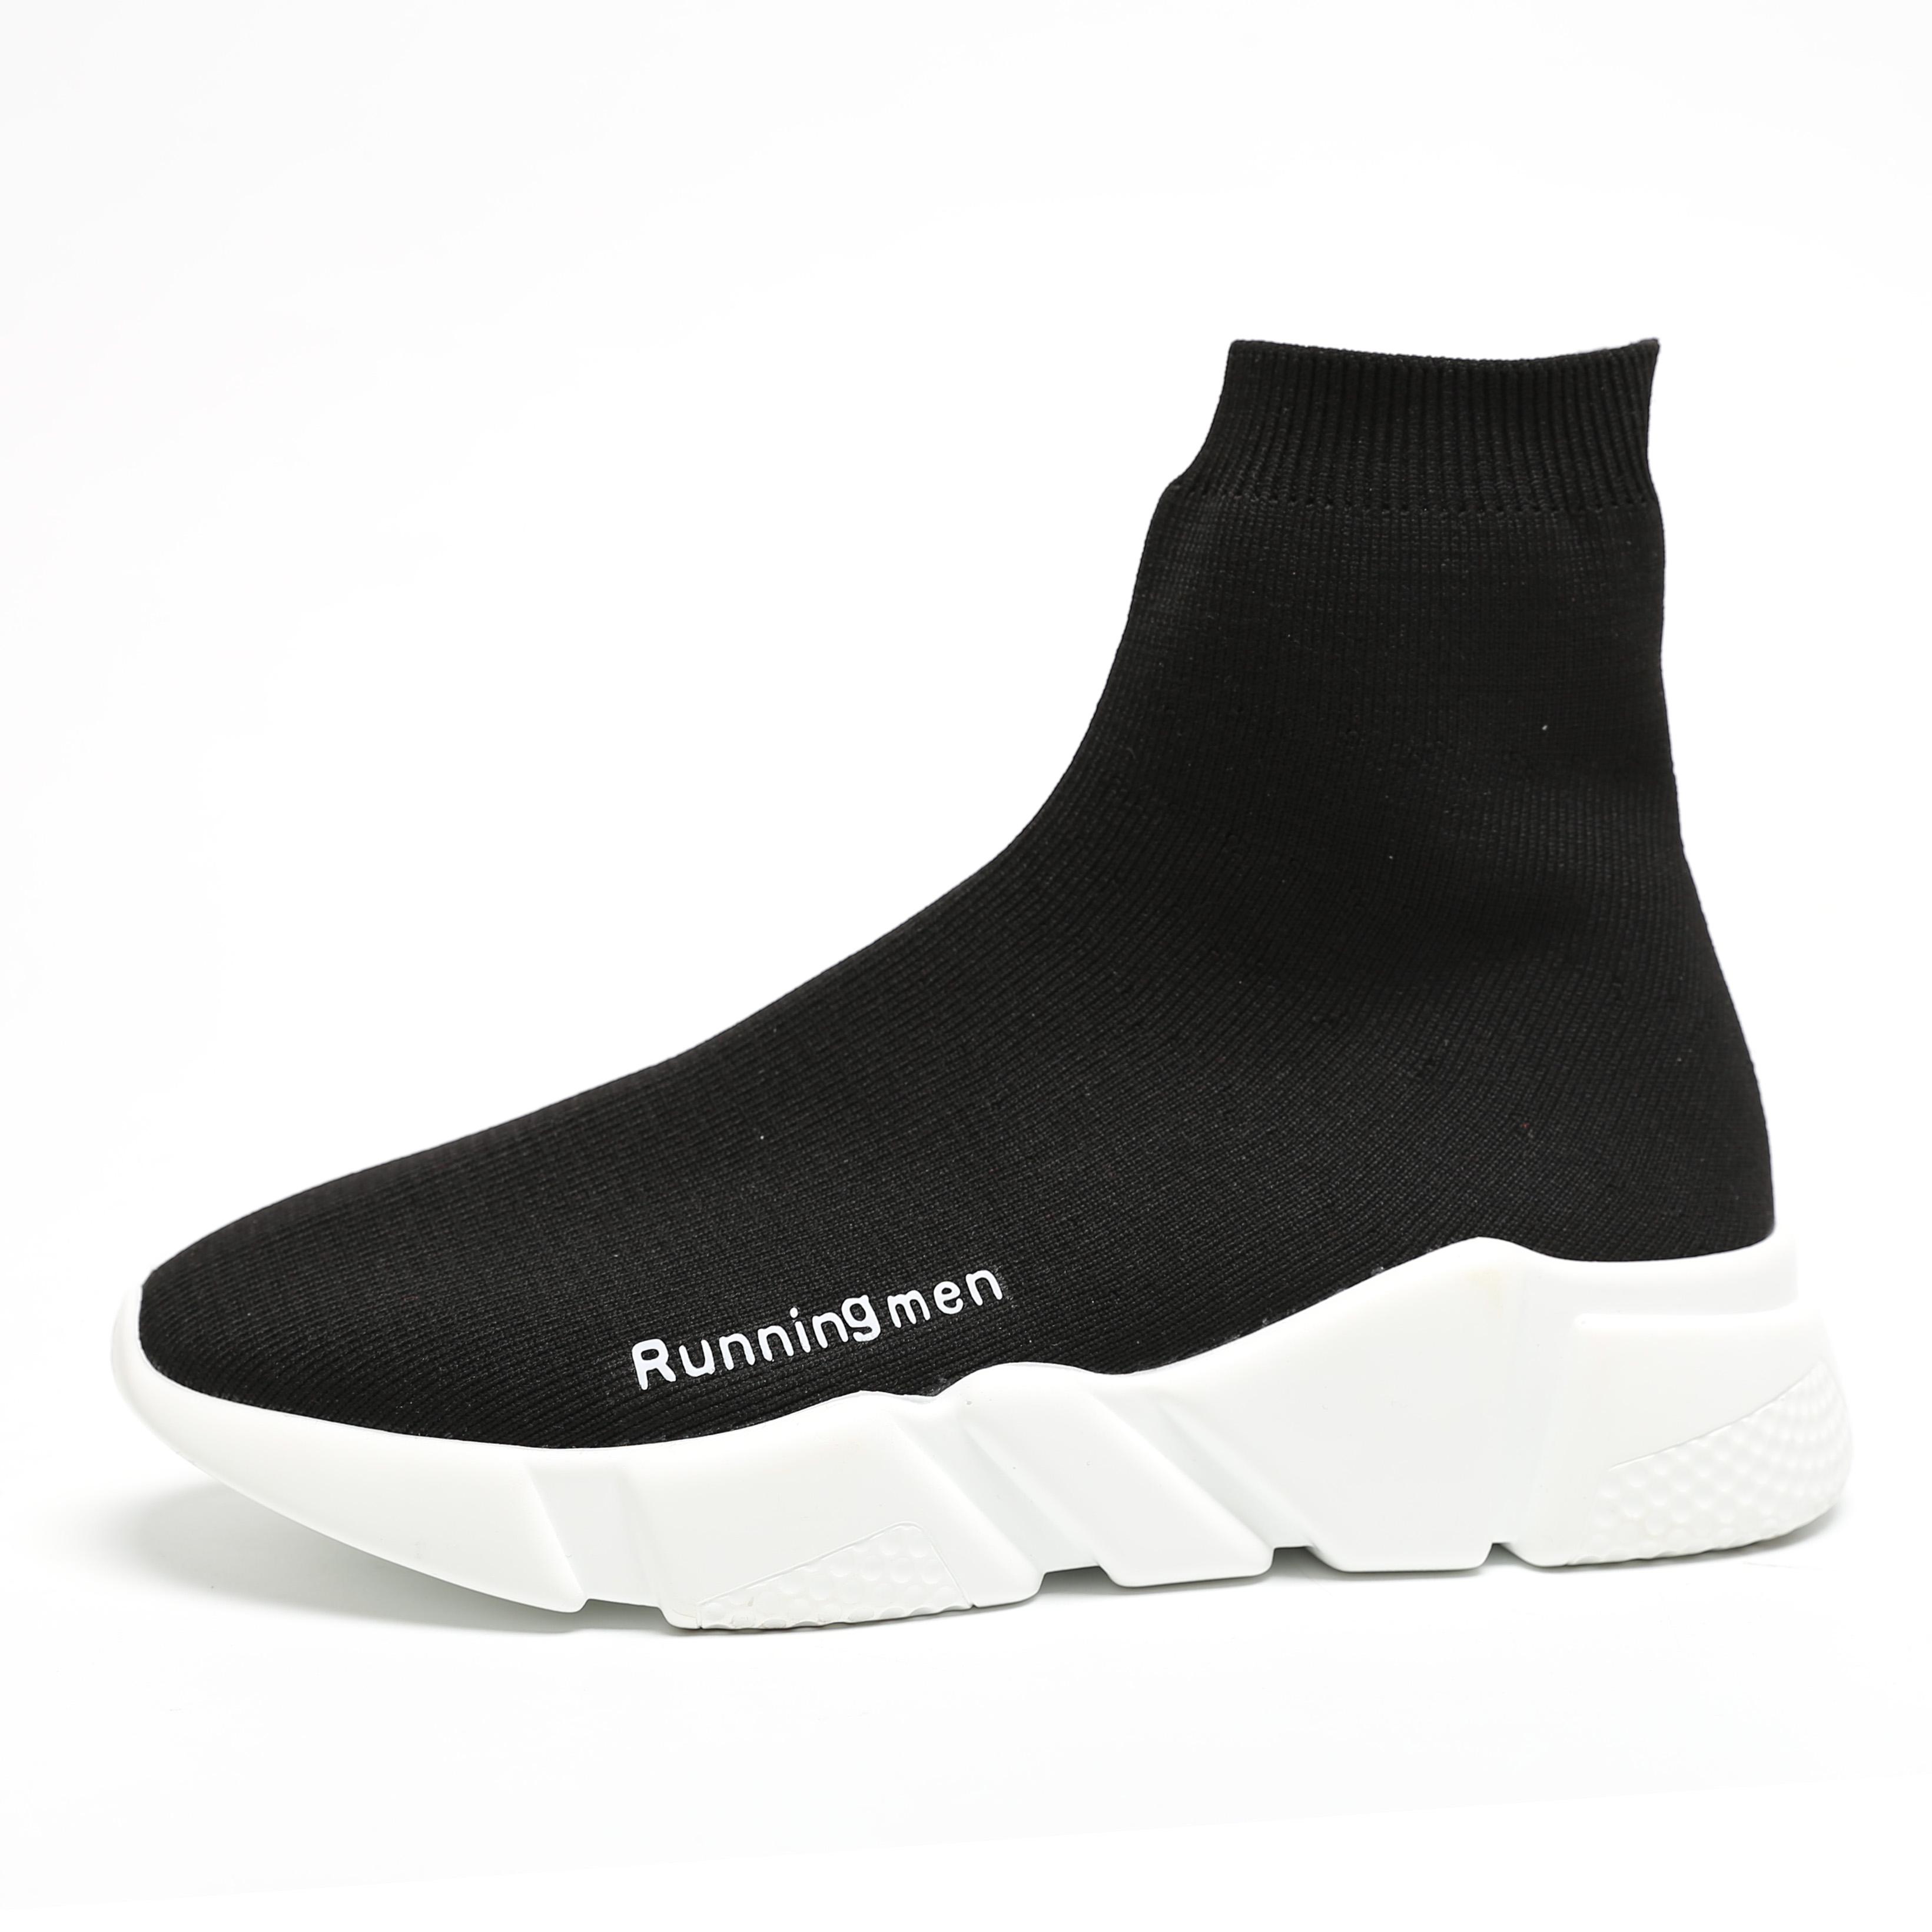 唐嫣同款鞋 袜子鞋 男鞋运动鞋跑步鞋袜子鞋 女情侣款增高厚底潮